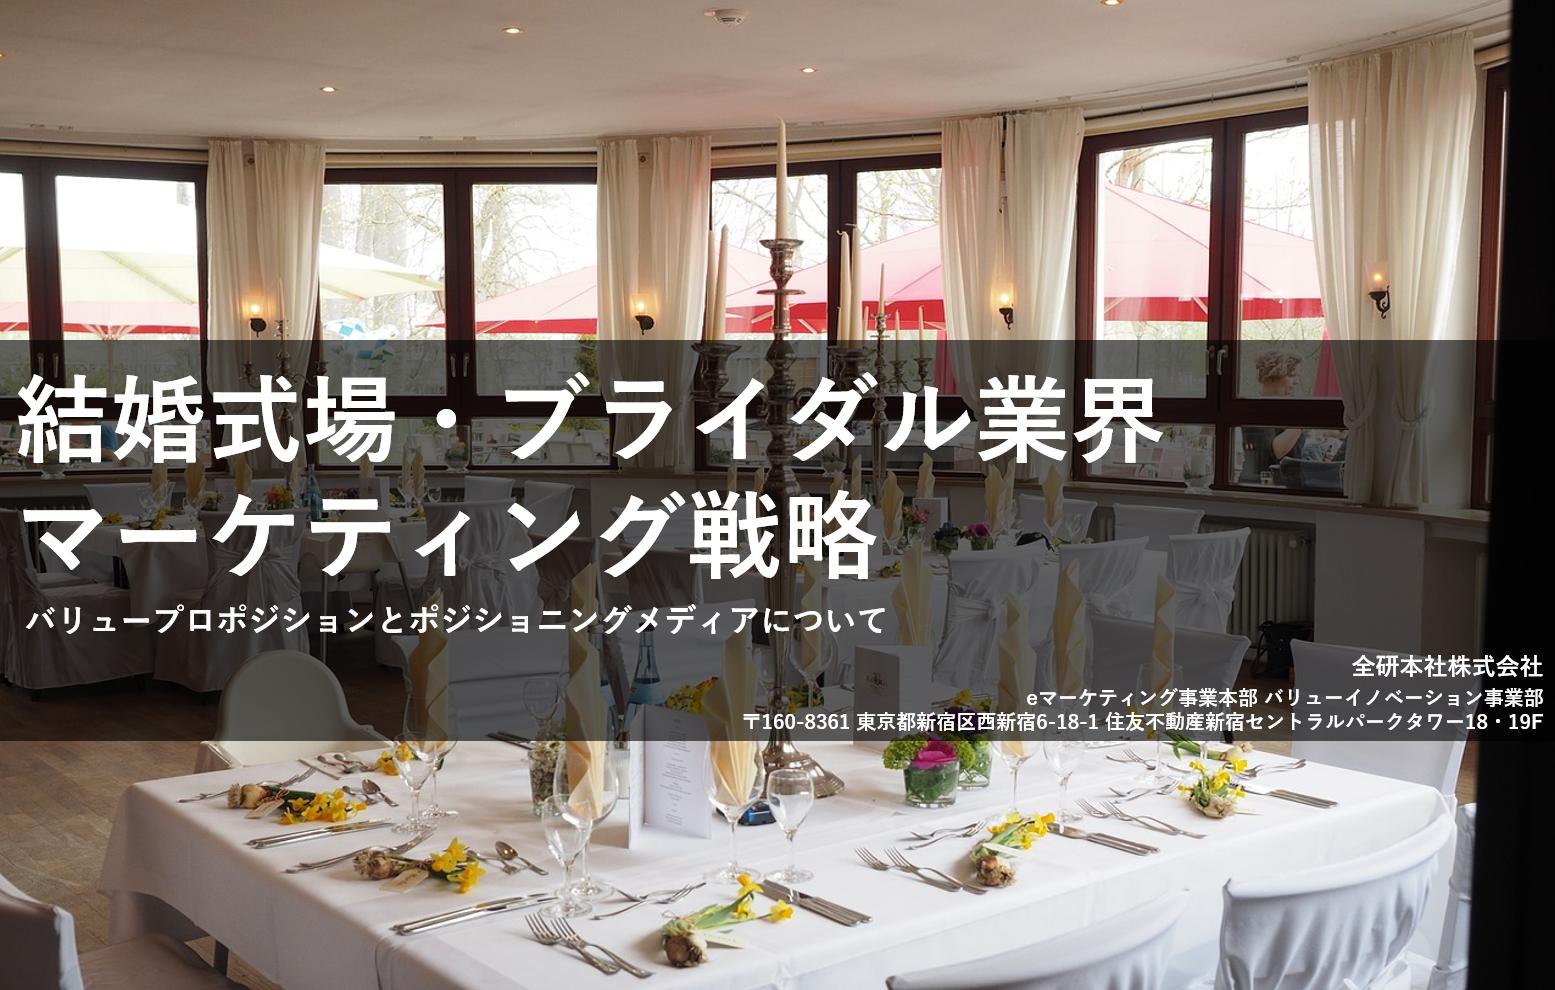 【結婚式場・ブライダル業界広告責任者必読】企業価値を最大化するマーケティング戦略